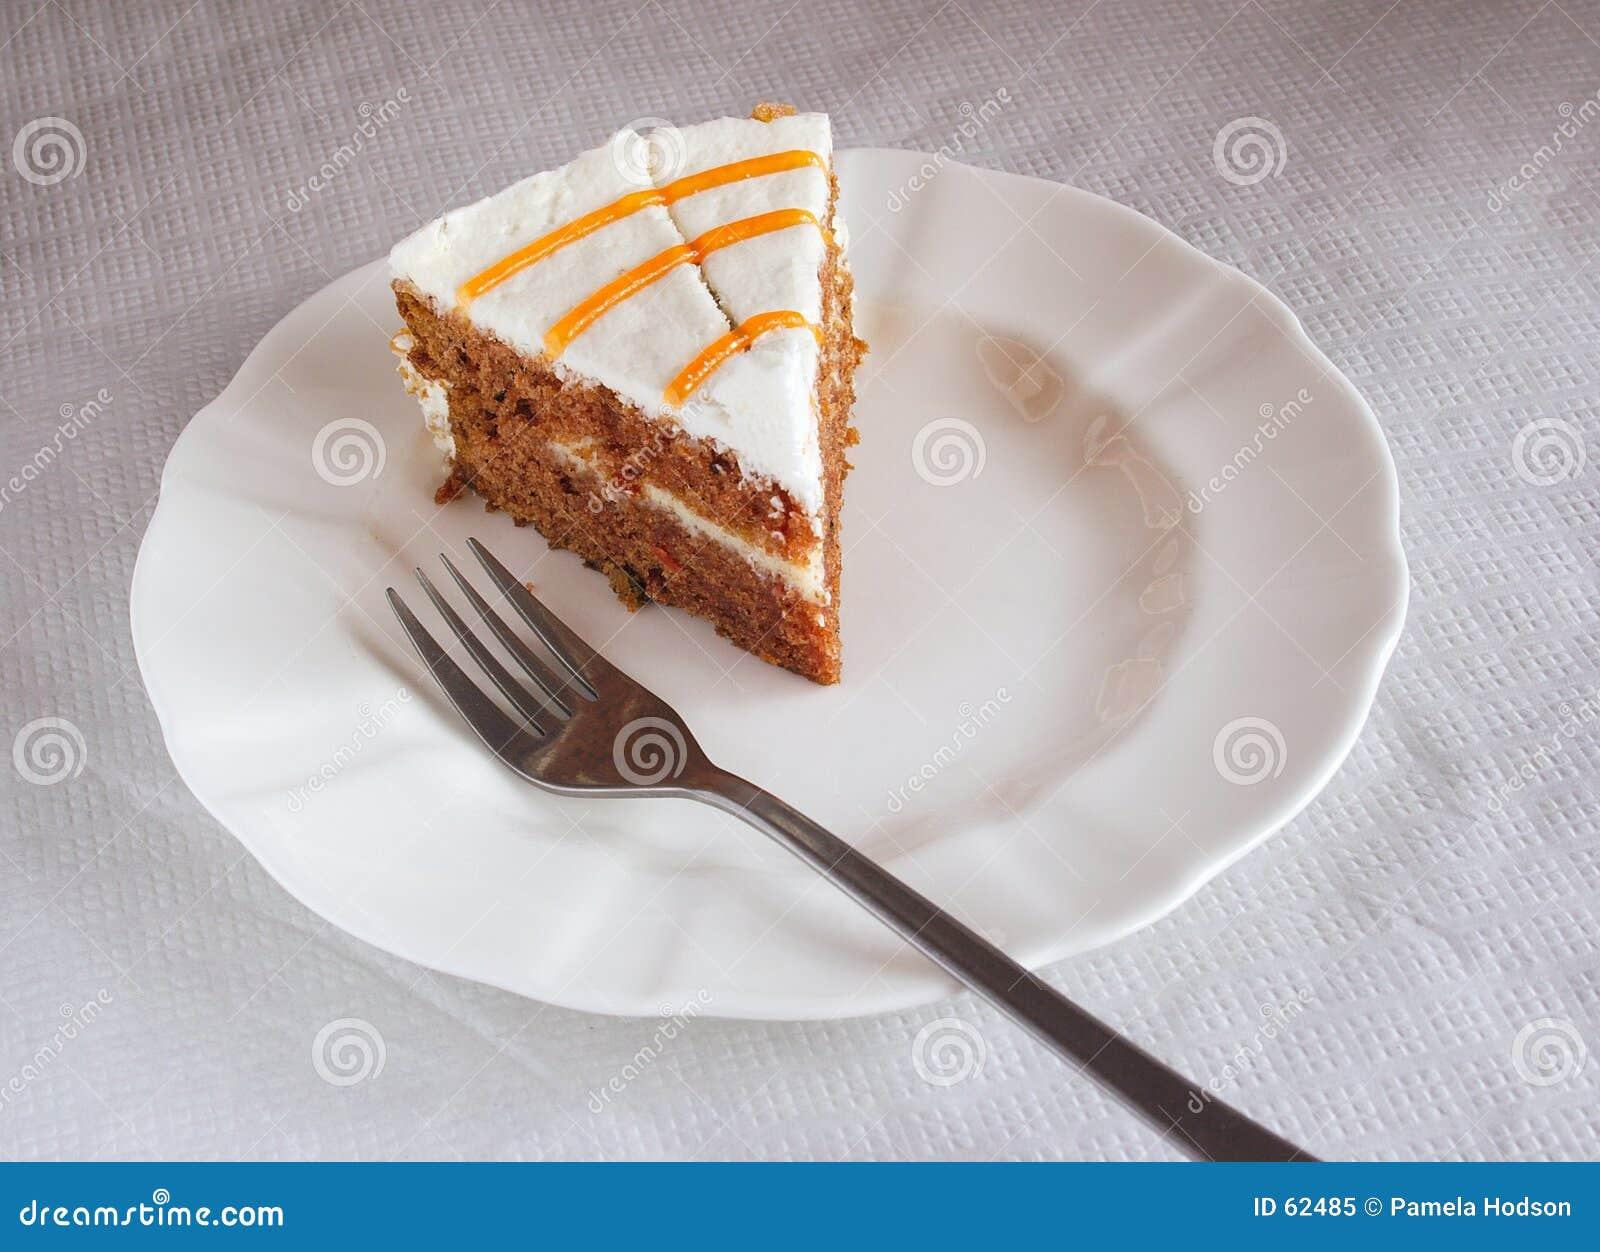 десерт как раз